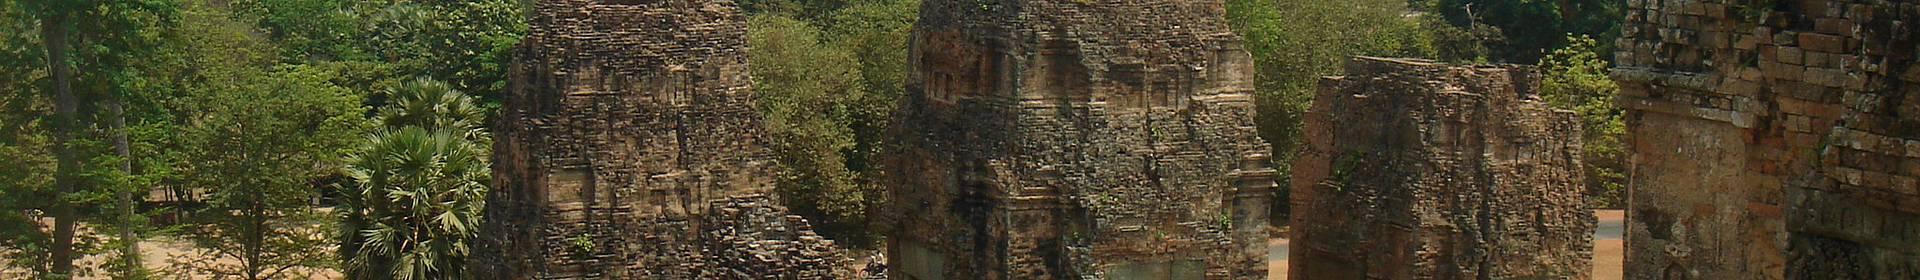 Le Nord-Ouest et les temples d'Angkor